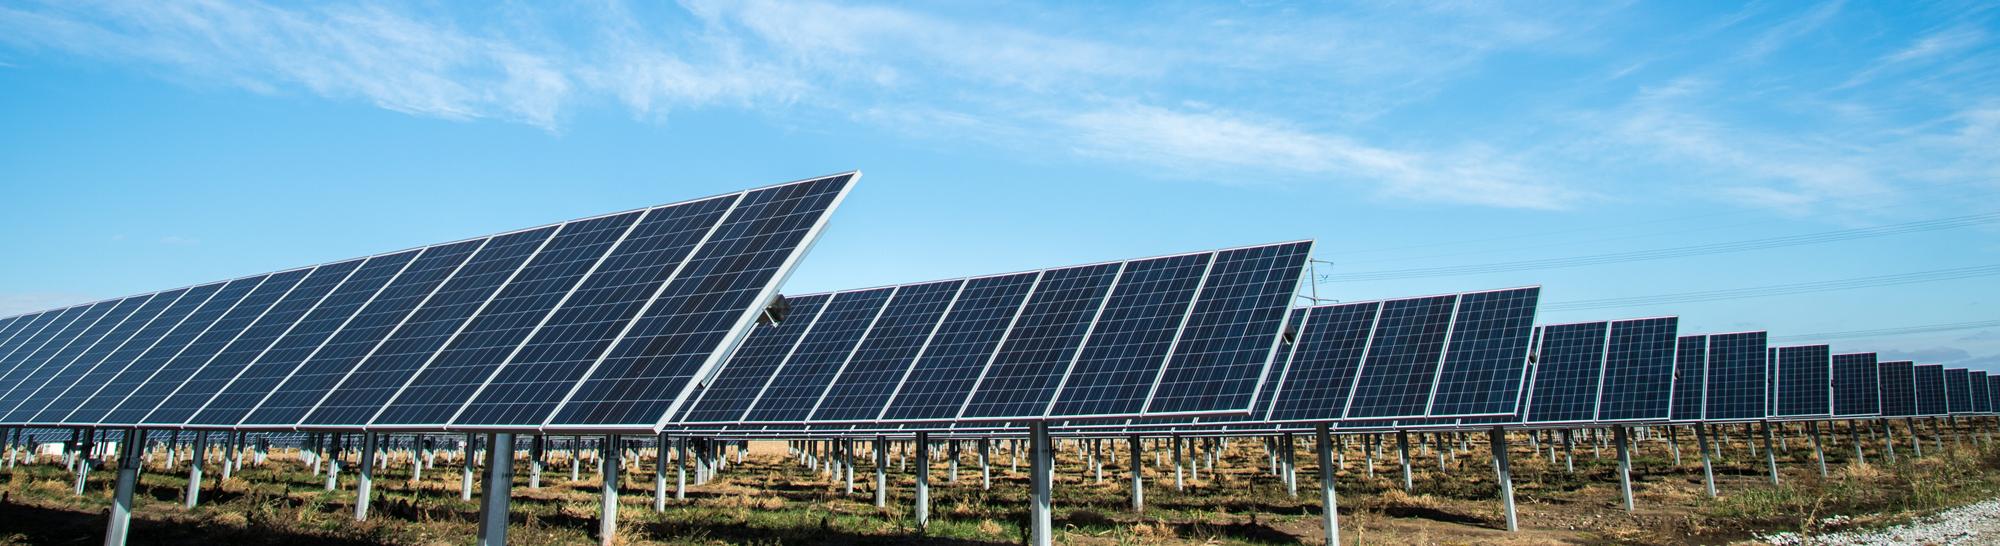 Zonnepanelen voor groene energie